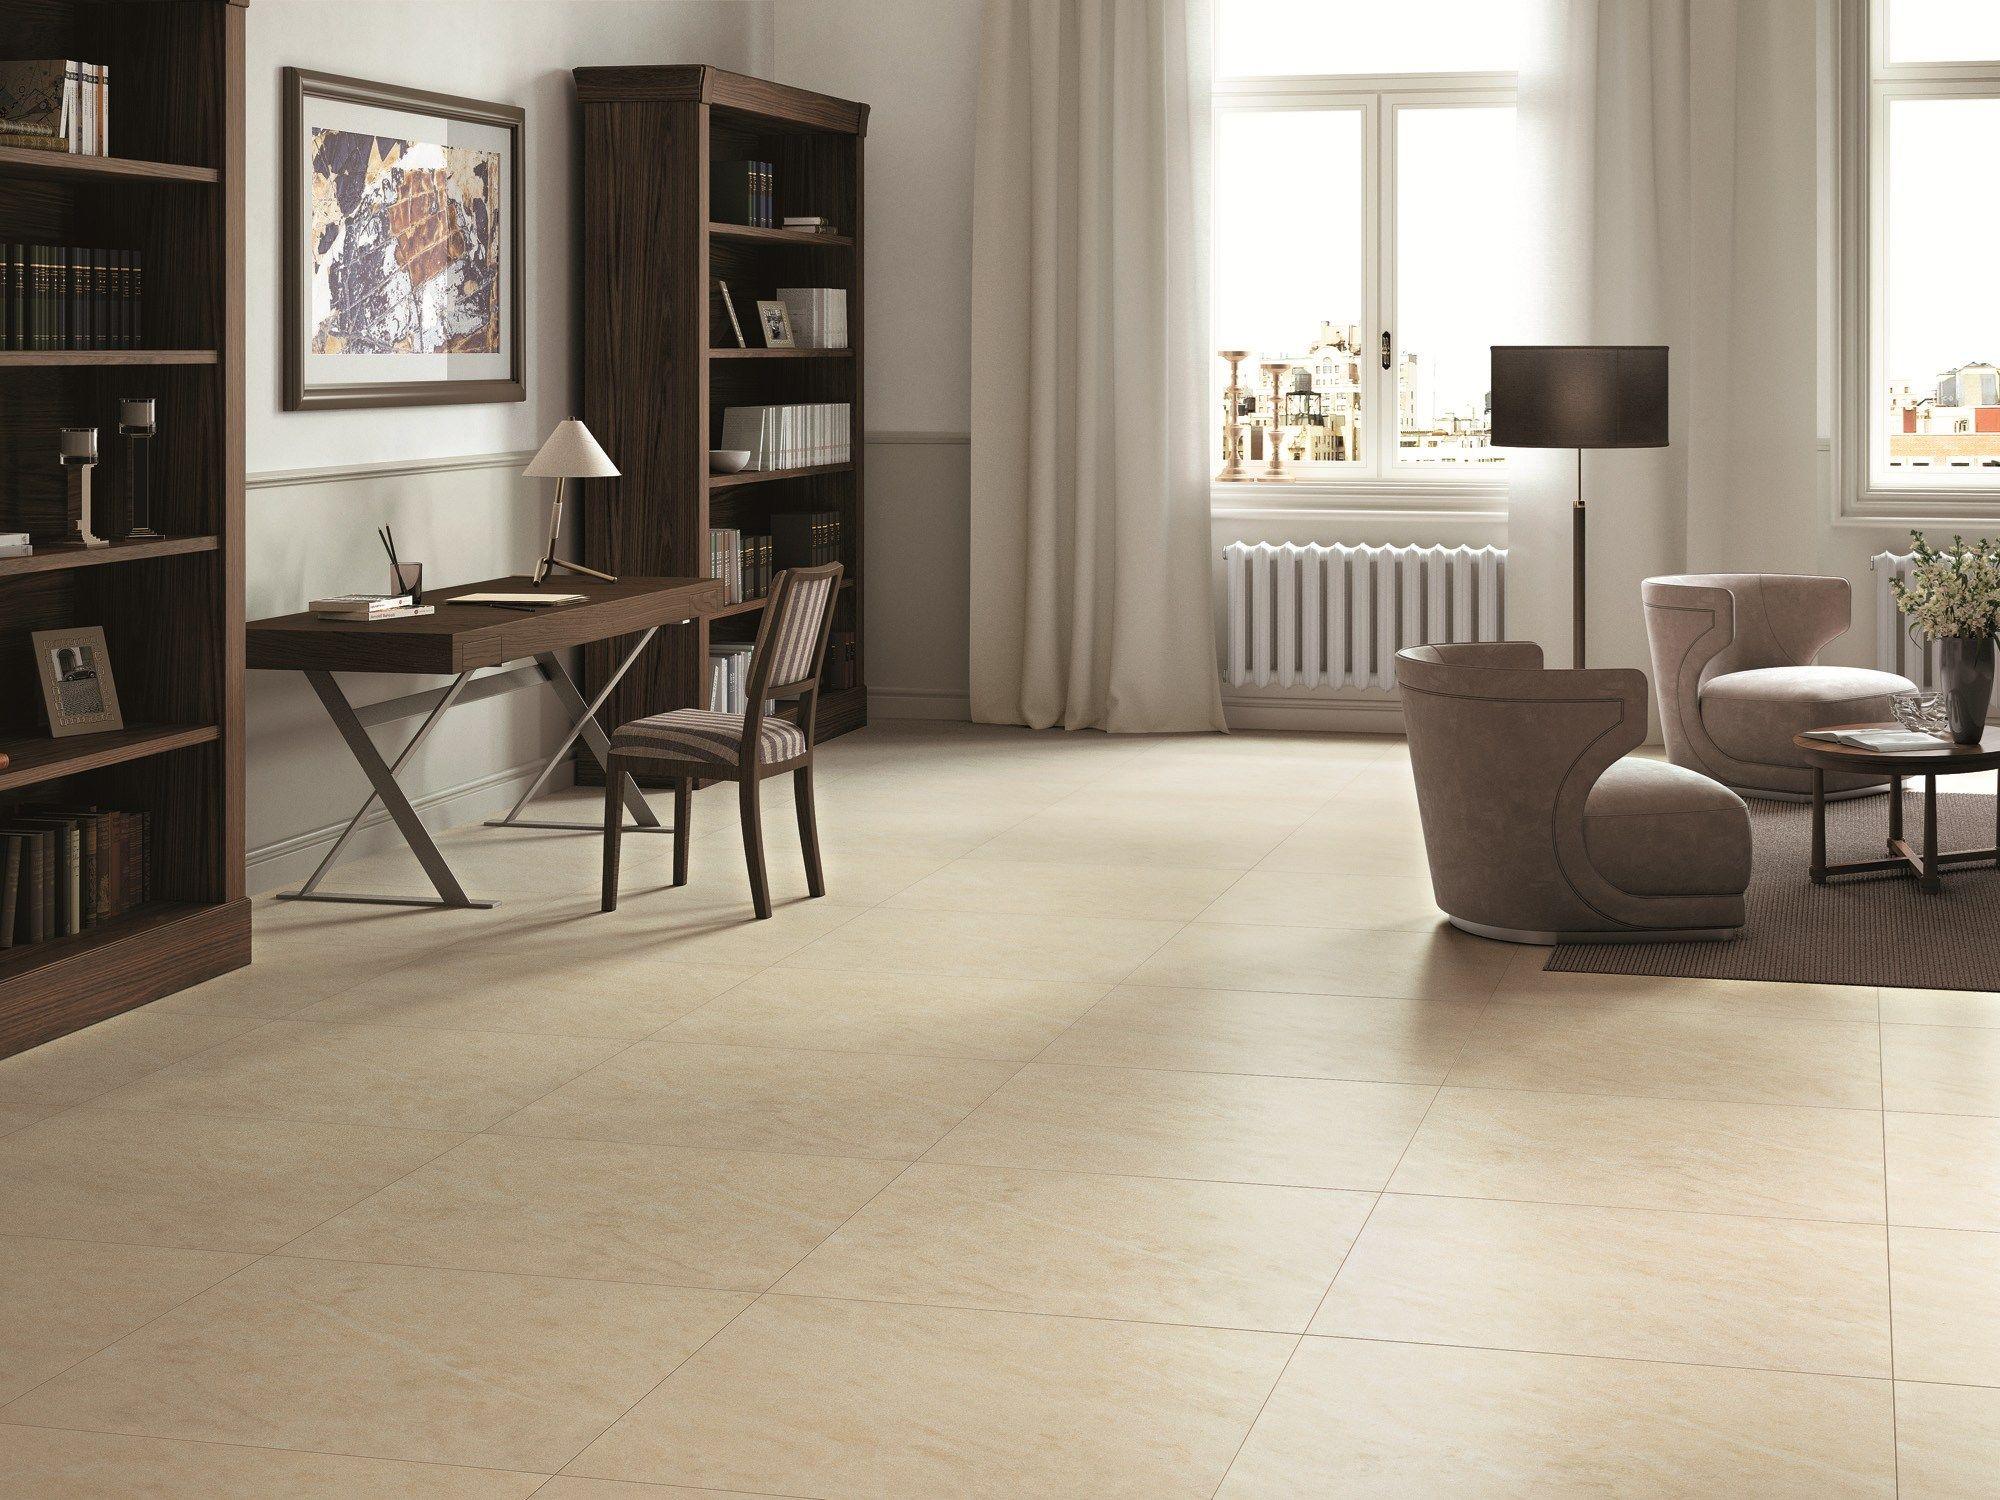 Pavimento rivestimento in gres laminato effetto marmo for Pavimenti 3d prezzi